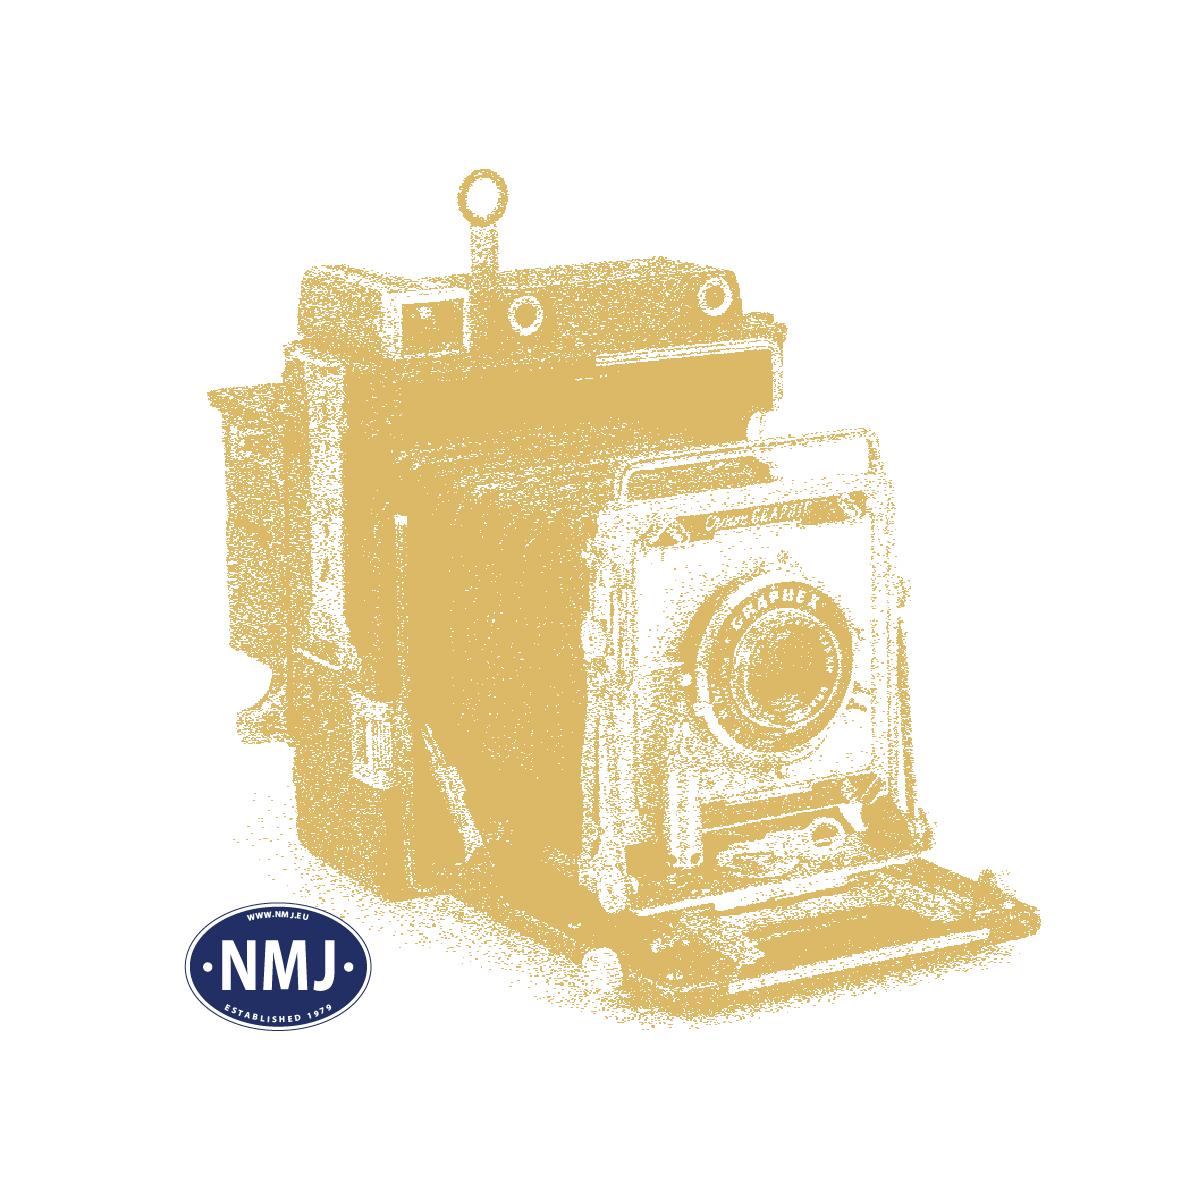 NMJS64.06 - NMJ Superline NSB BM64.06, Modernisert utgave